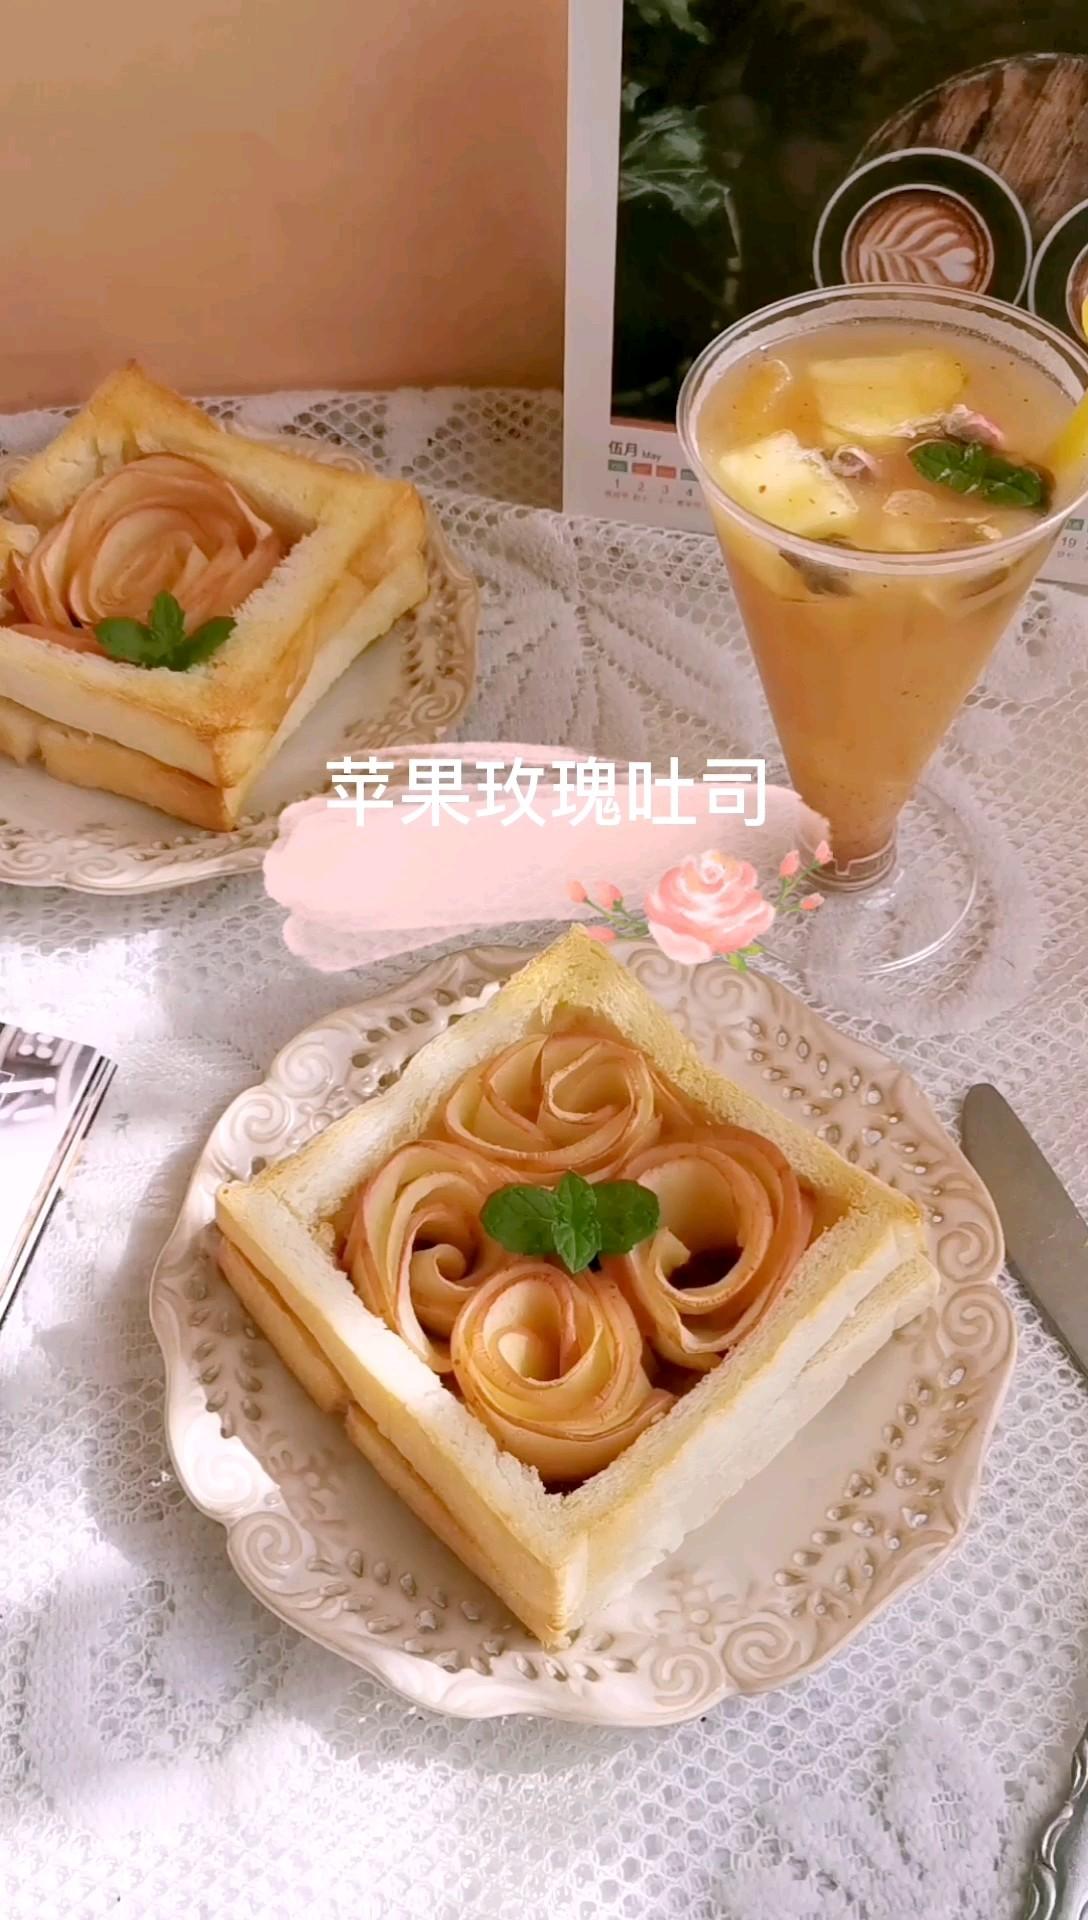 苹果玫瑰吐司